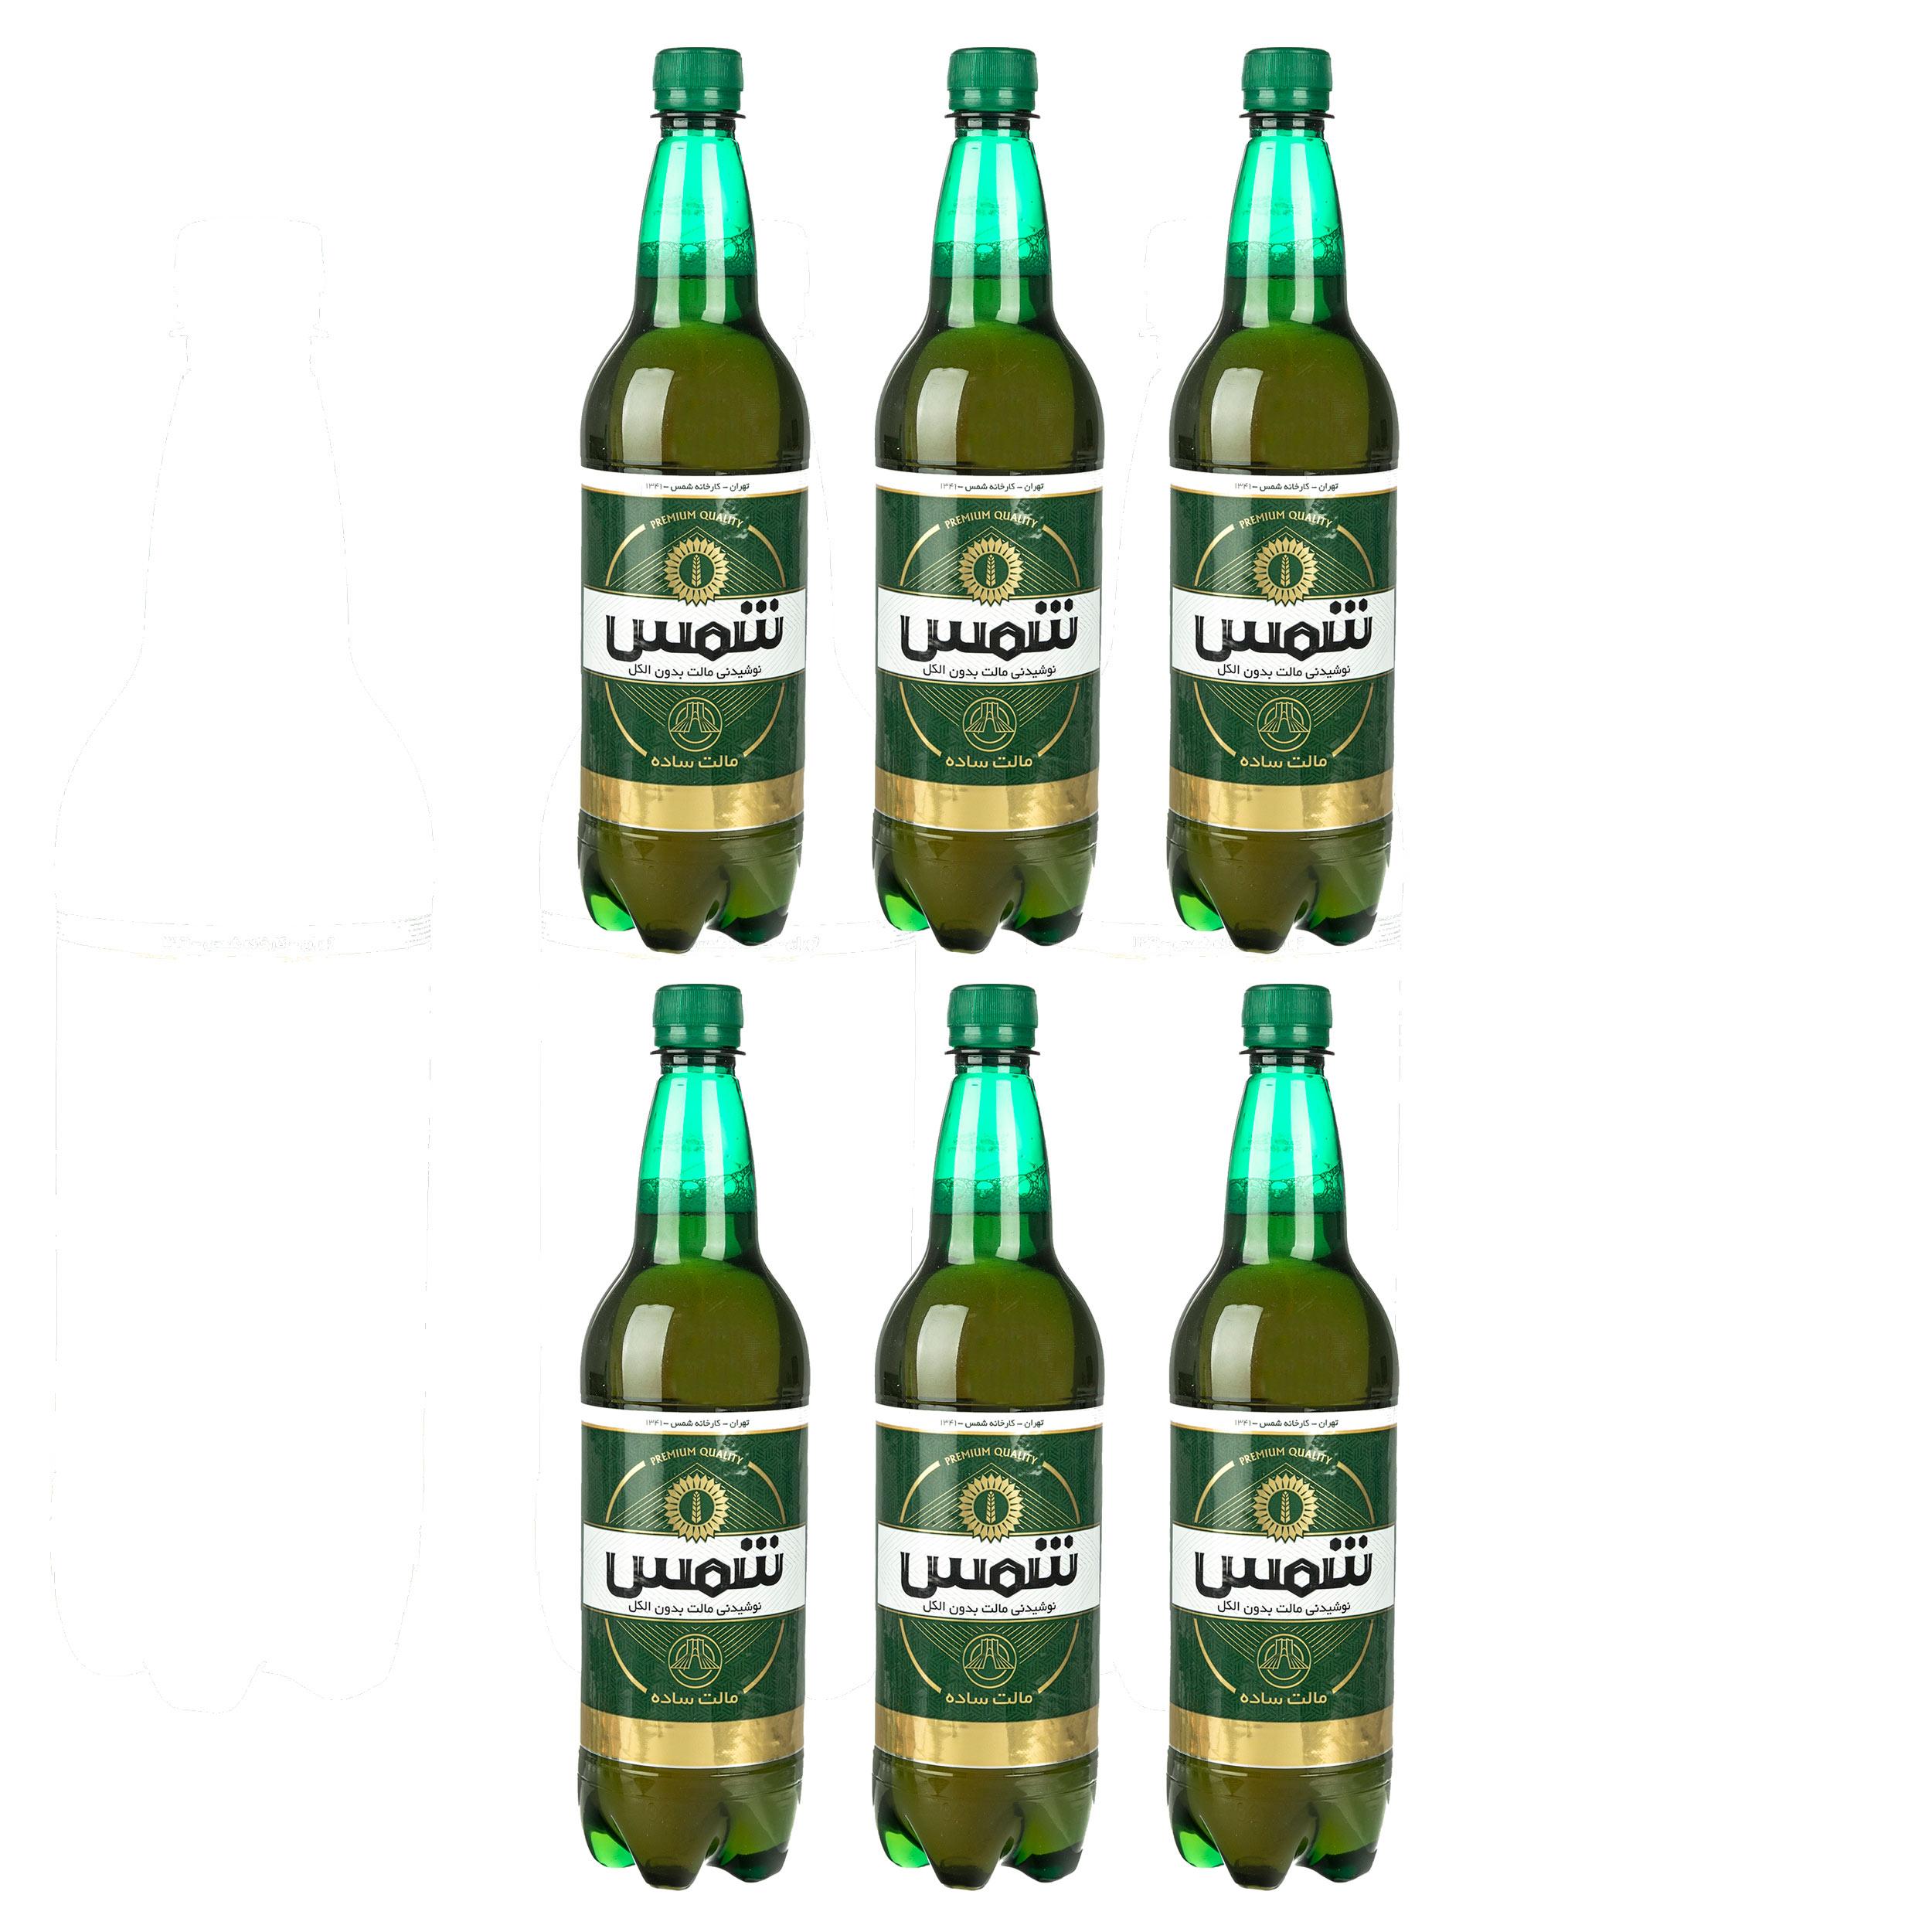 نوشیدنی مالت بدون الکل کلاسیک شمس - 1 لیتر بسته 6 عددی